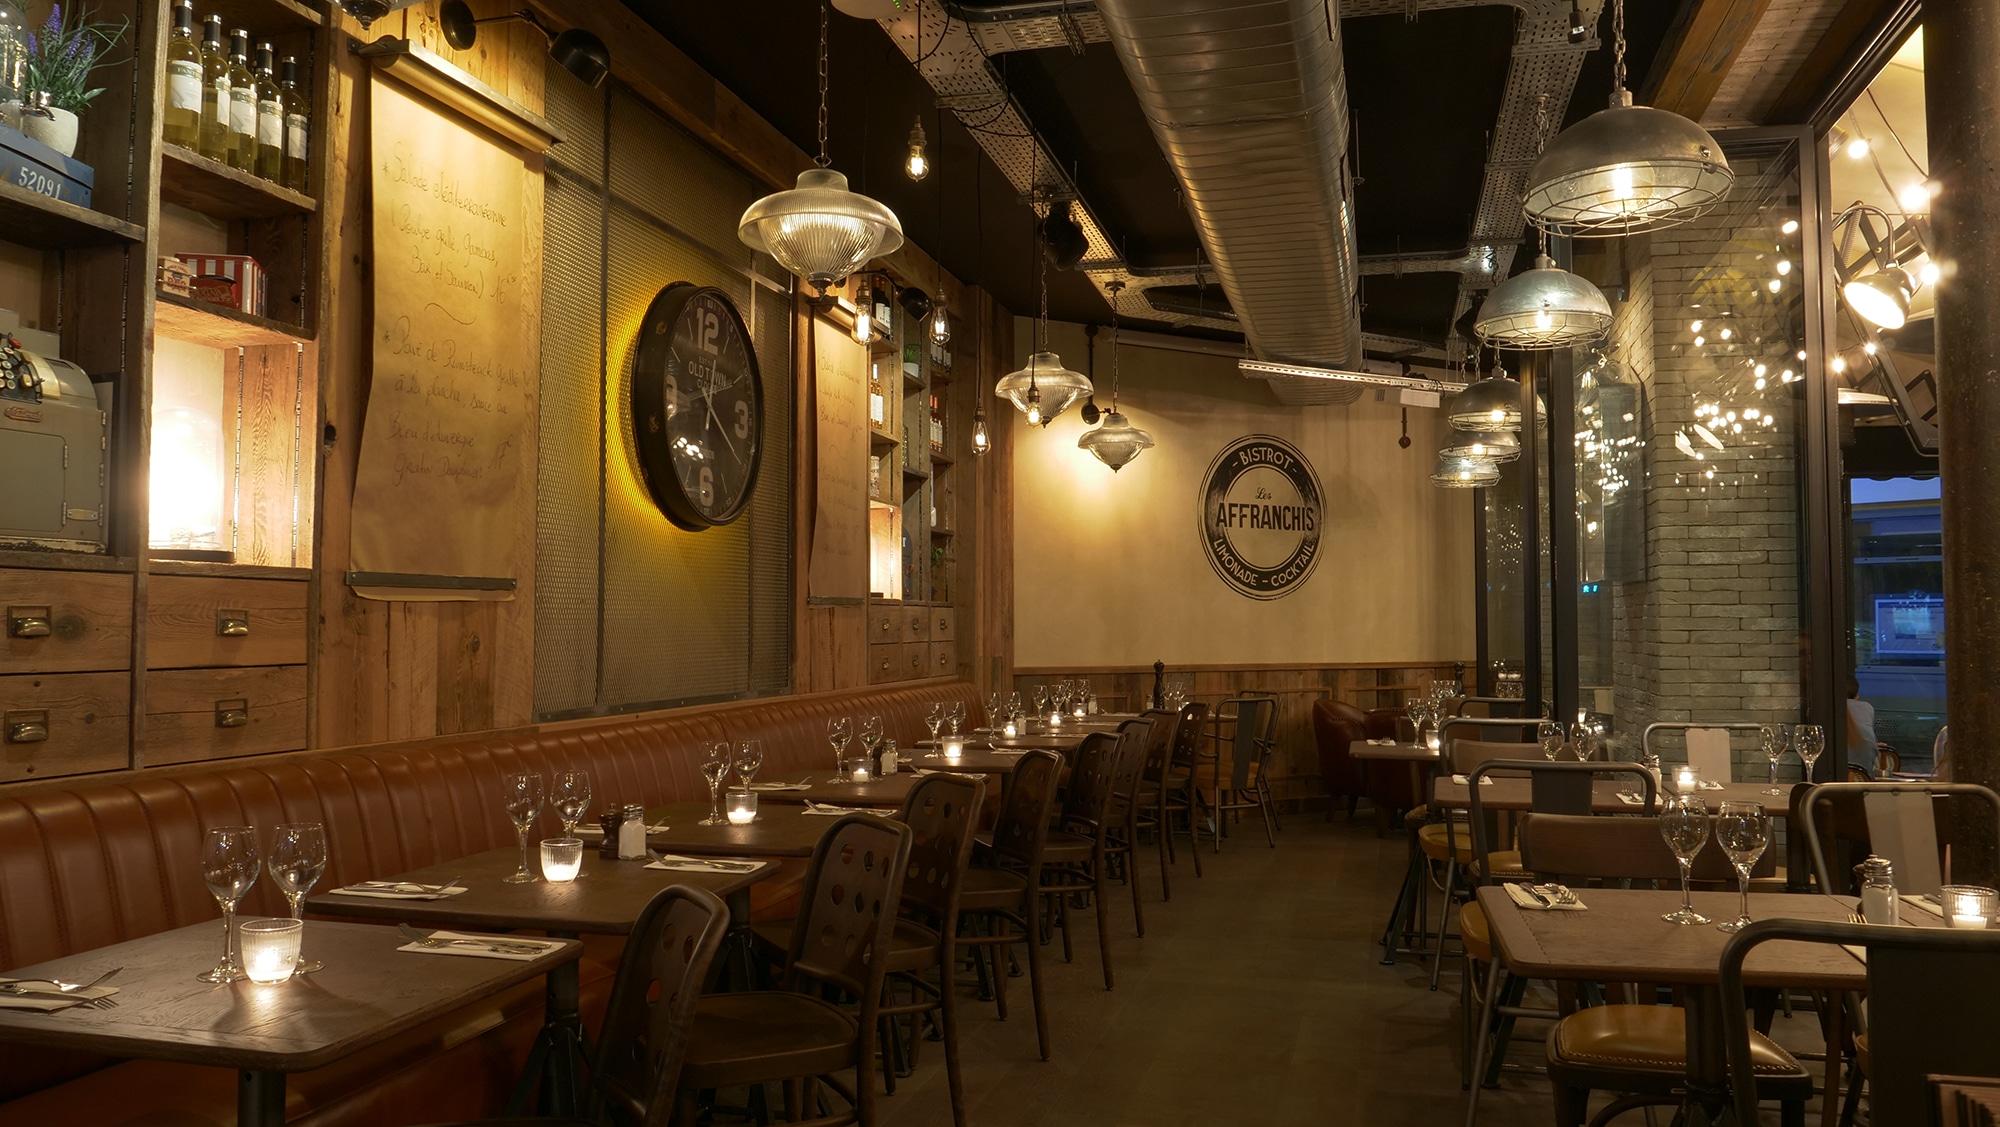 Salle Brasserie Les Affranchis Paris 13e